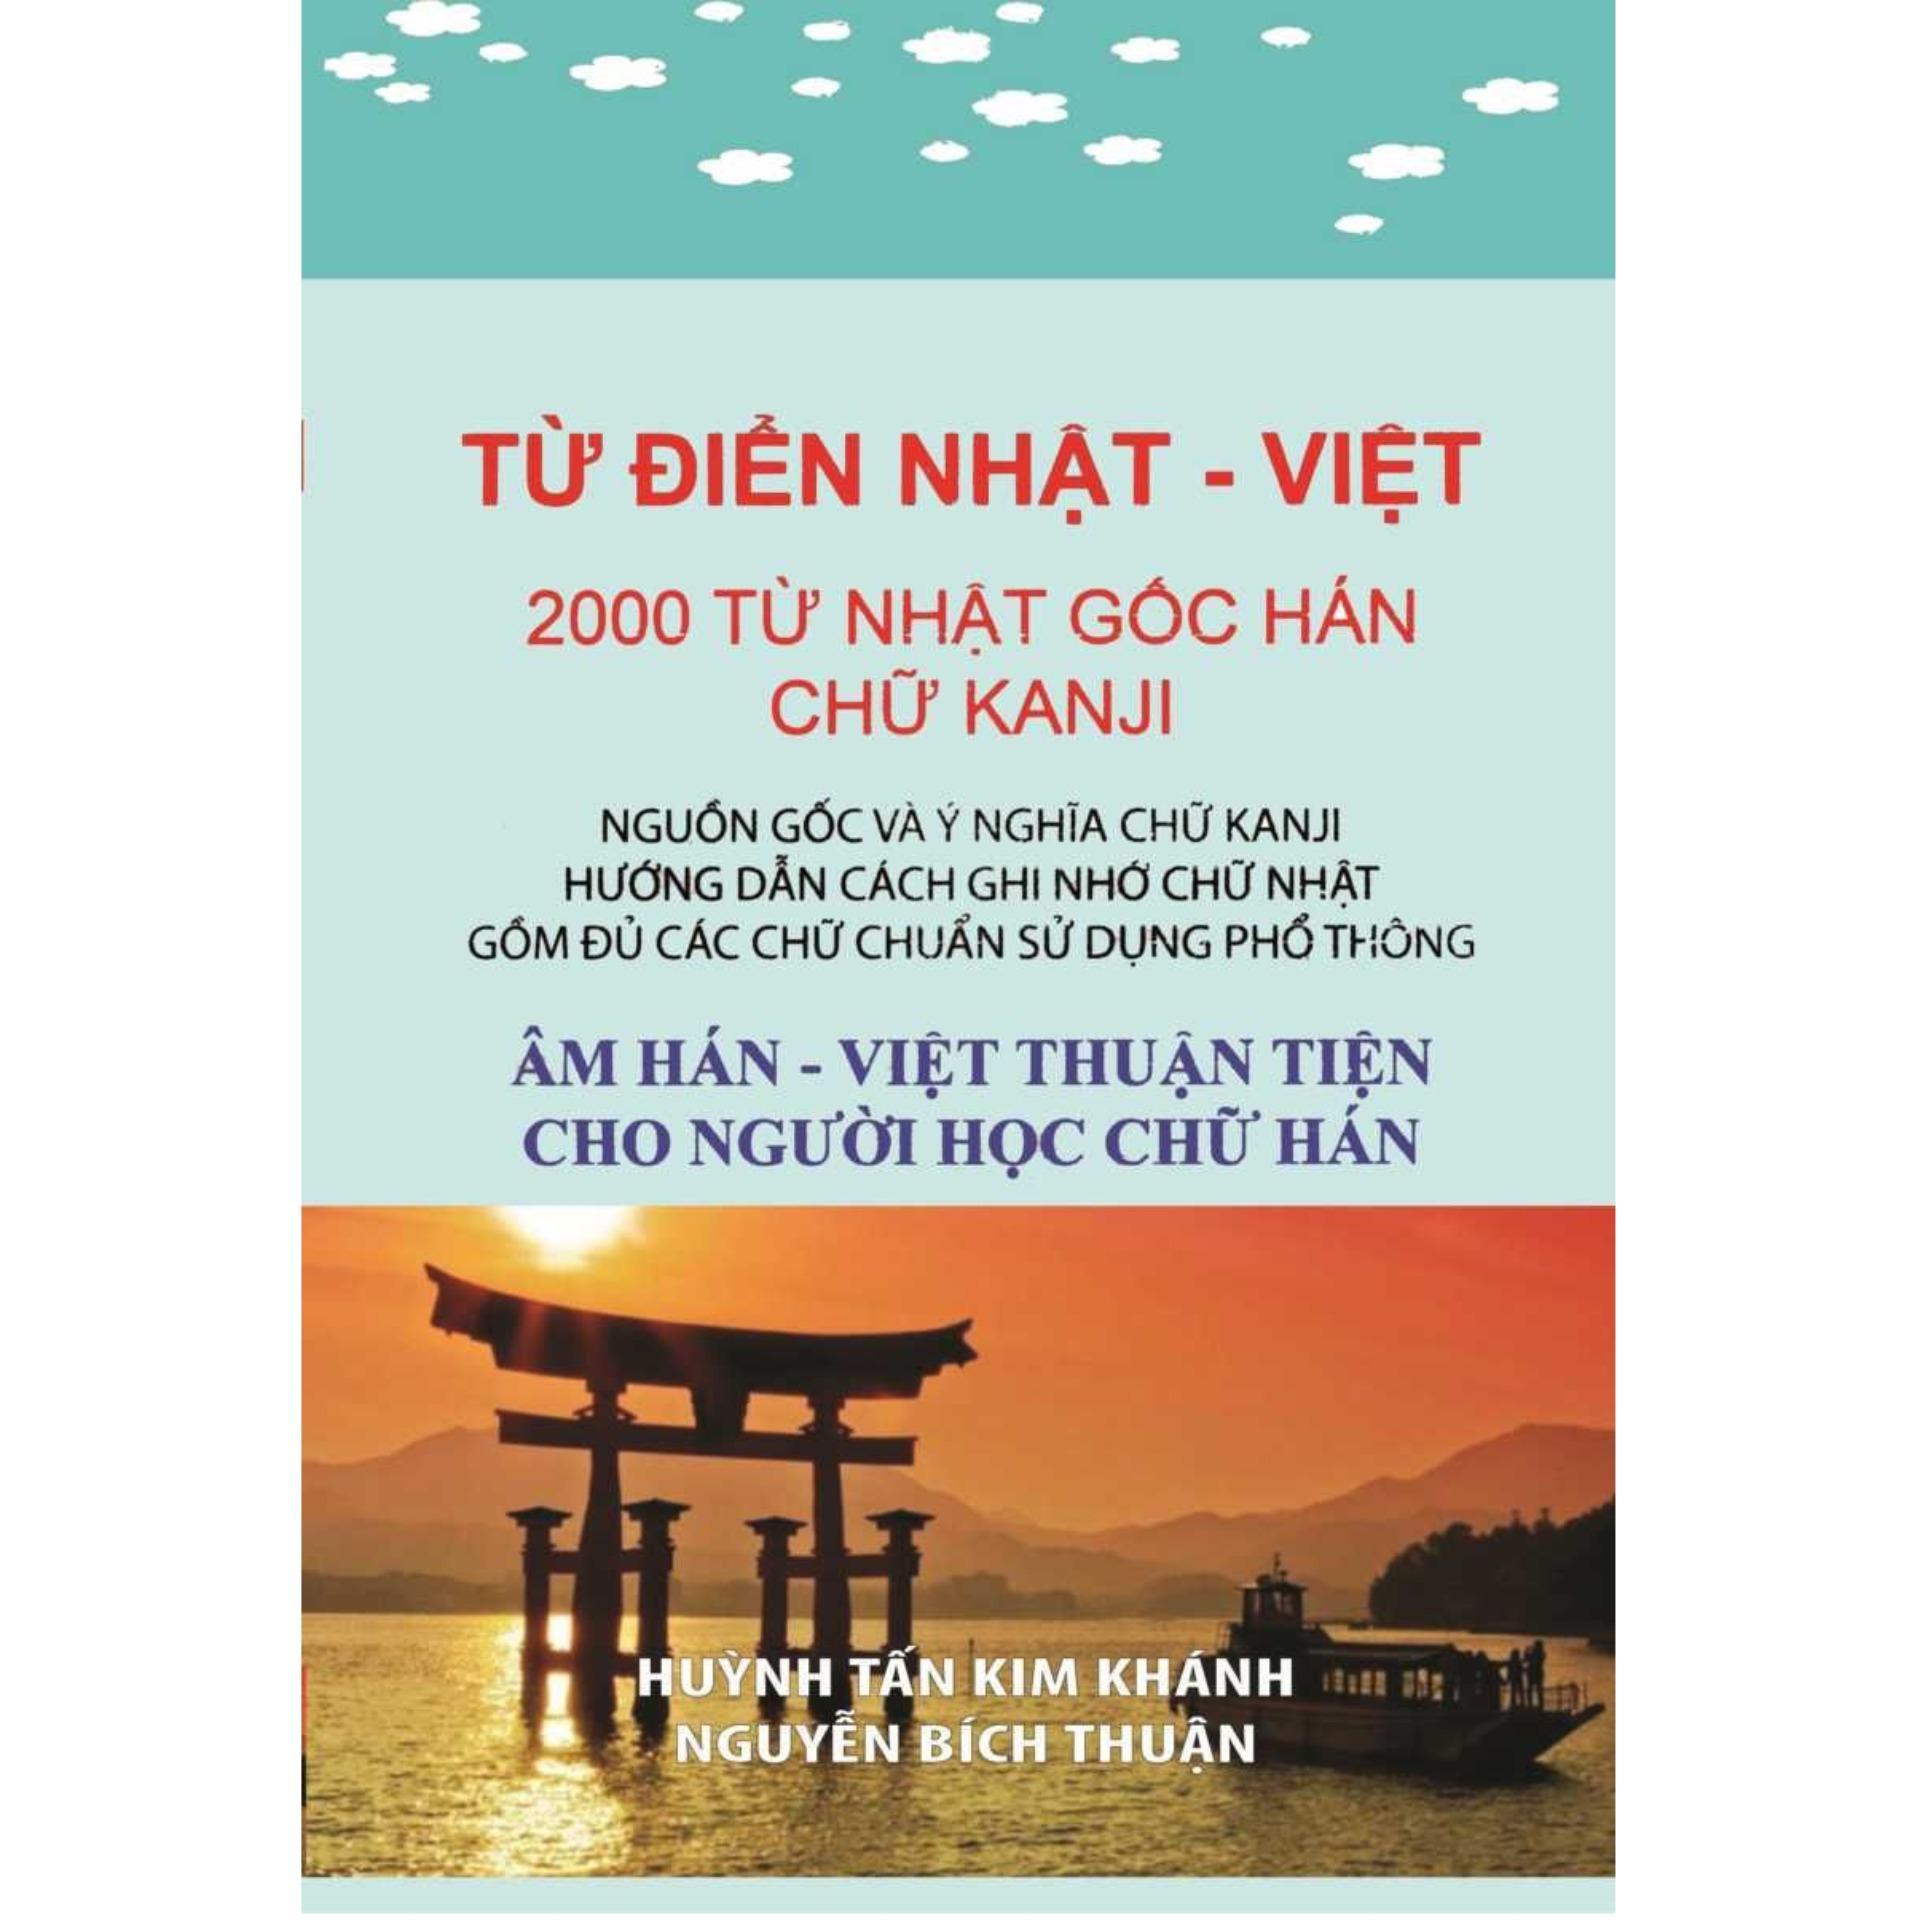 Mua Sách - Từ Điển Nhật Việt - 2000 Từ Nhật Gốc Hán Chữ Kanji